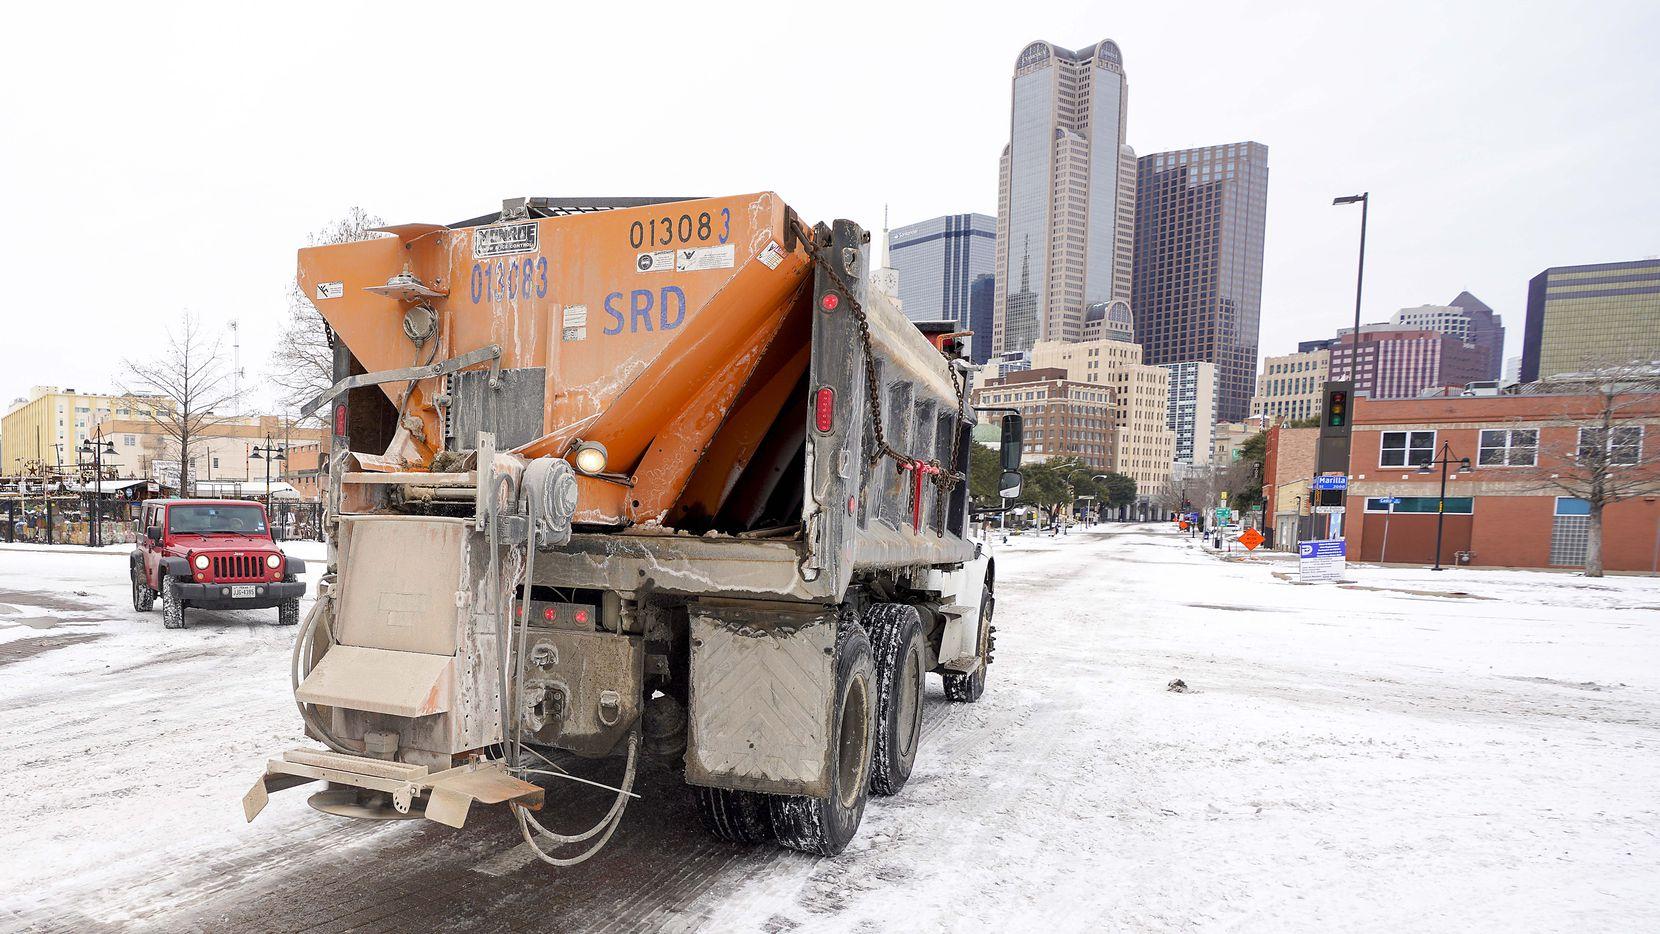 Un camión de limpieza de calles de la ciudad trabaja en el centro de Dallas el martes 16 de febrero de 2021.